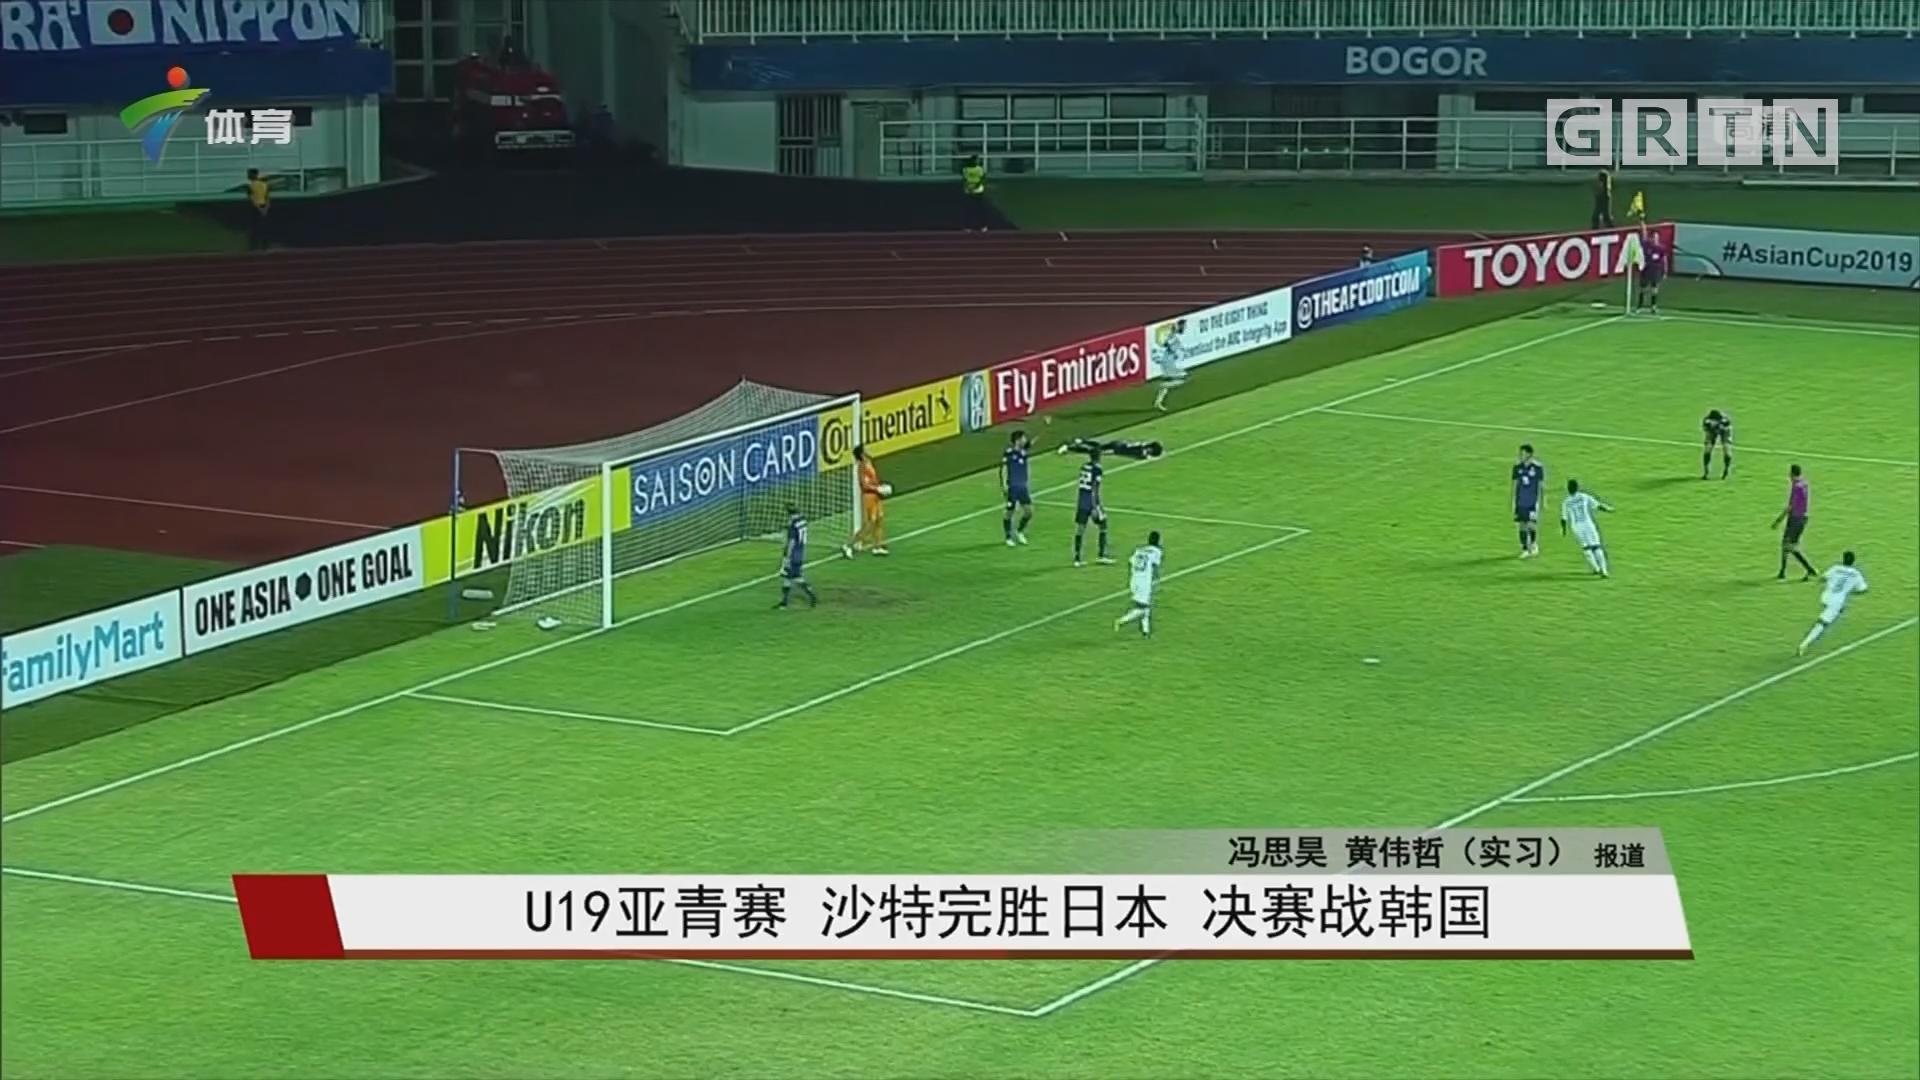 U19亚青赛 沙特完胜日本 决赛战韩国